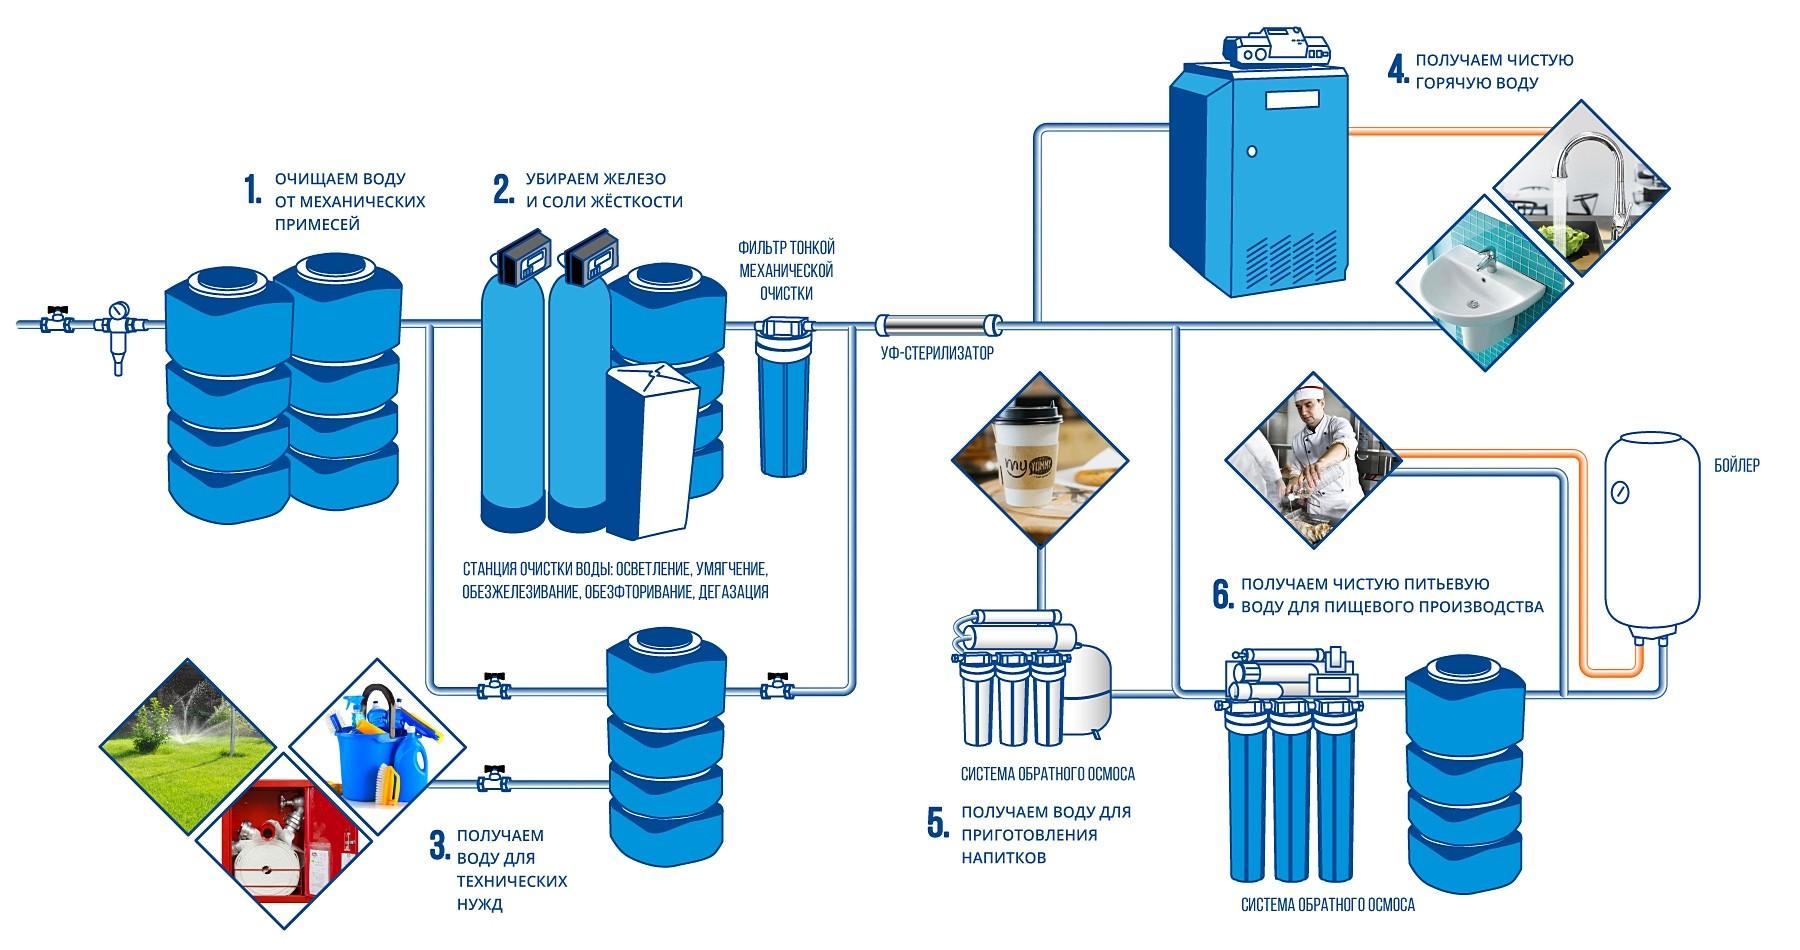 Схема водоснабжения и водоподготовки кафе и ресторана